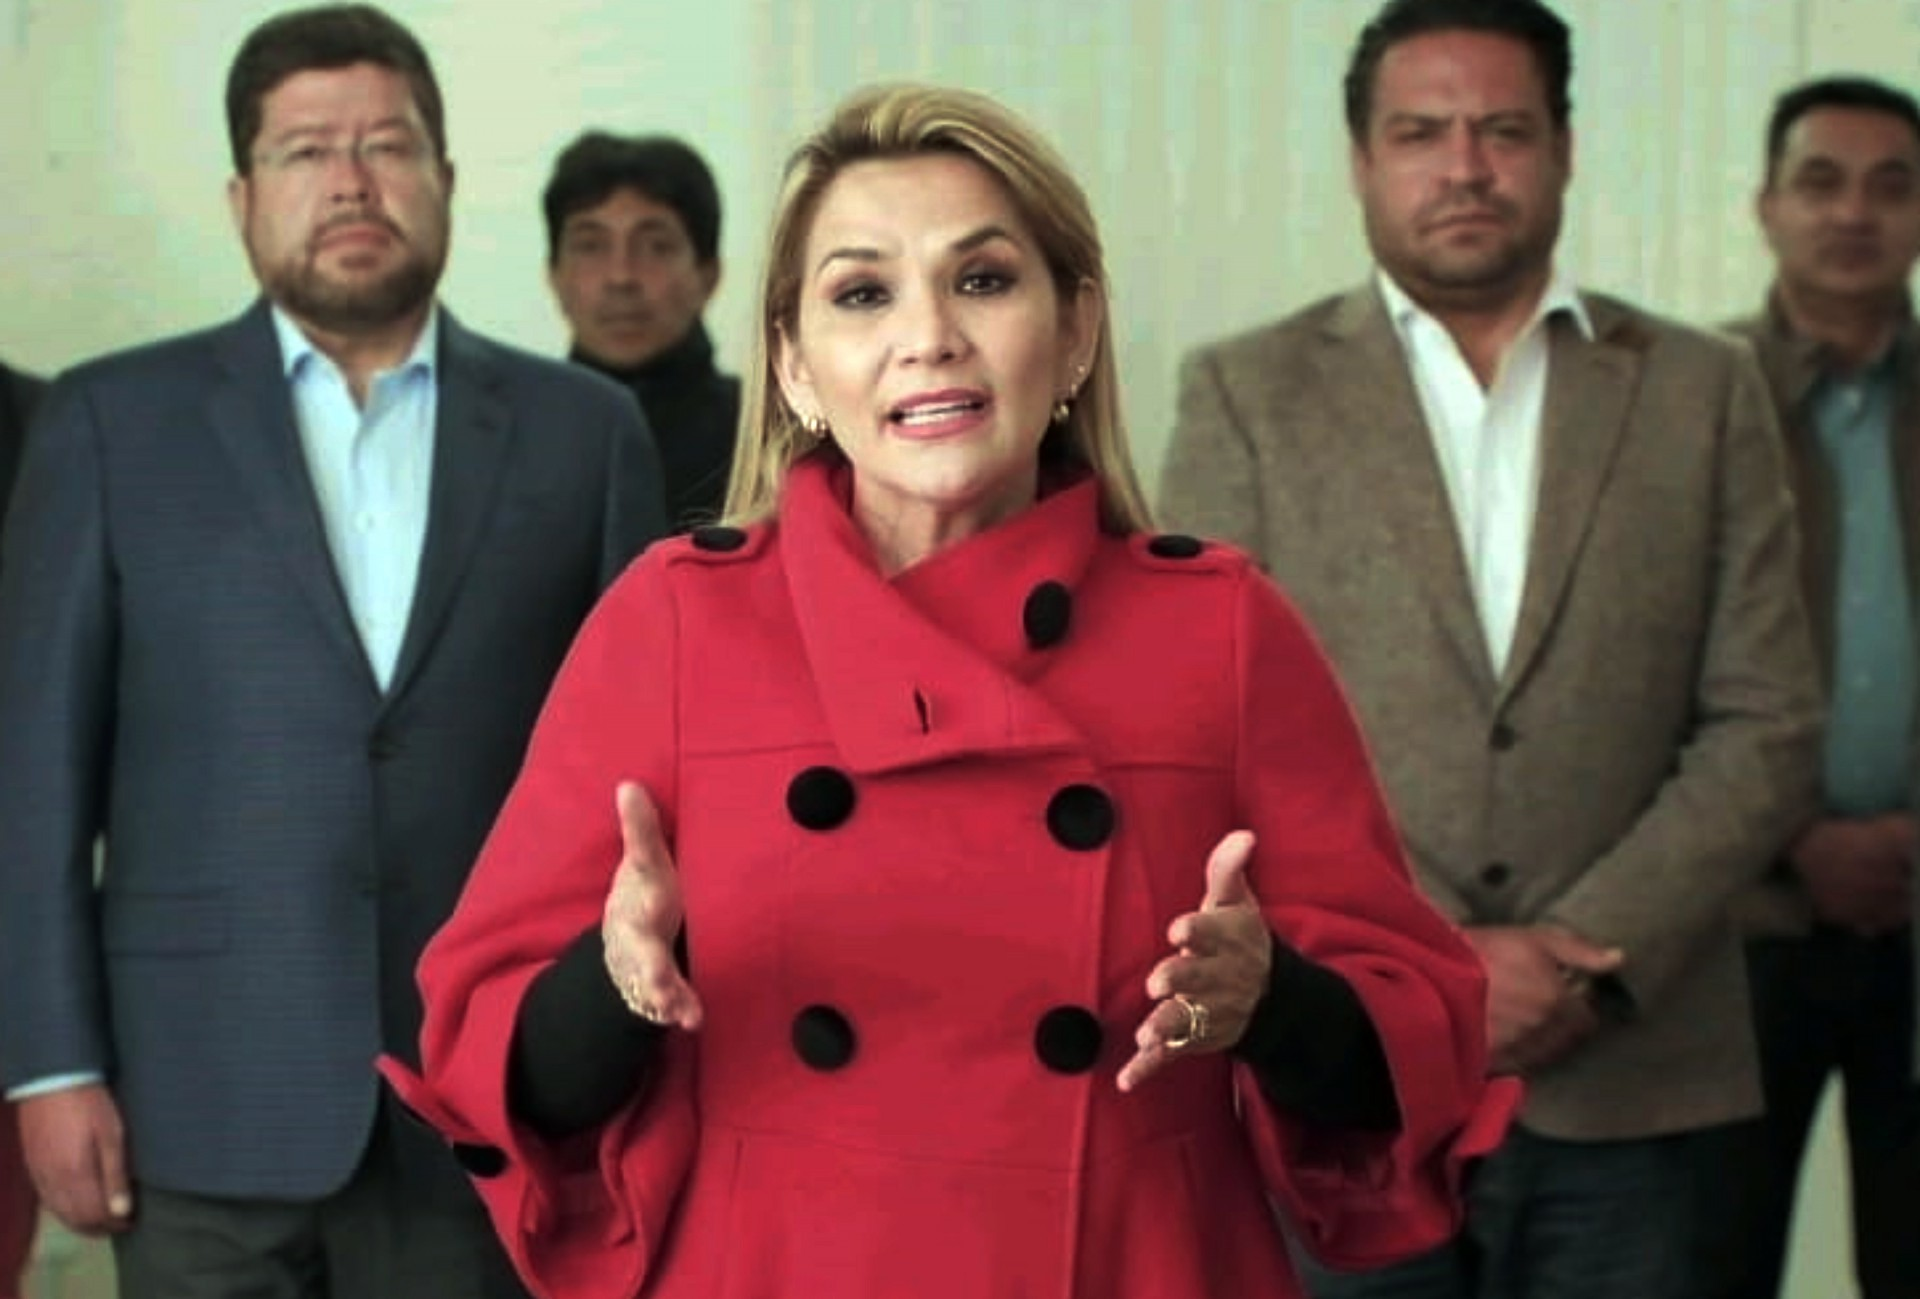 A presidente interina da Bolívia, Jeanine Añez, anuncia retirada da corrida presidencial um mês antes das eleições em La Paz, Bolívia (Foto: PRESIDENCIA / AFP)